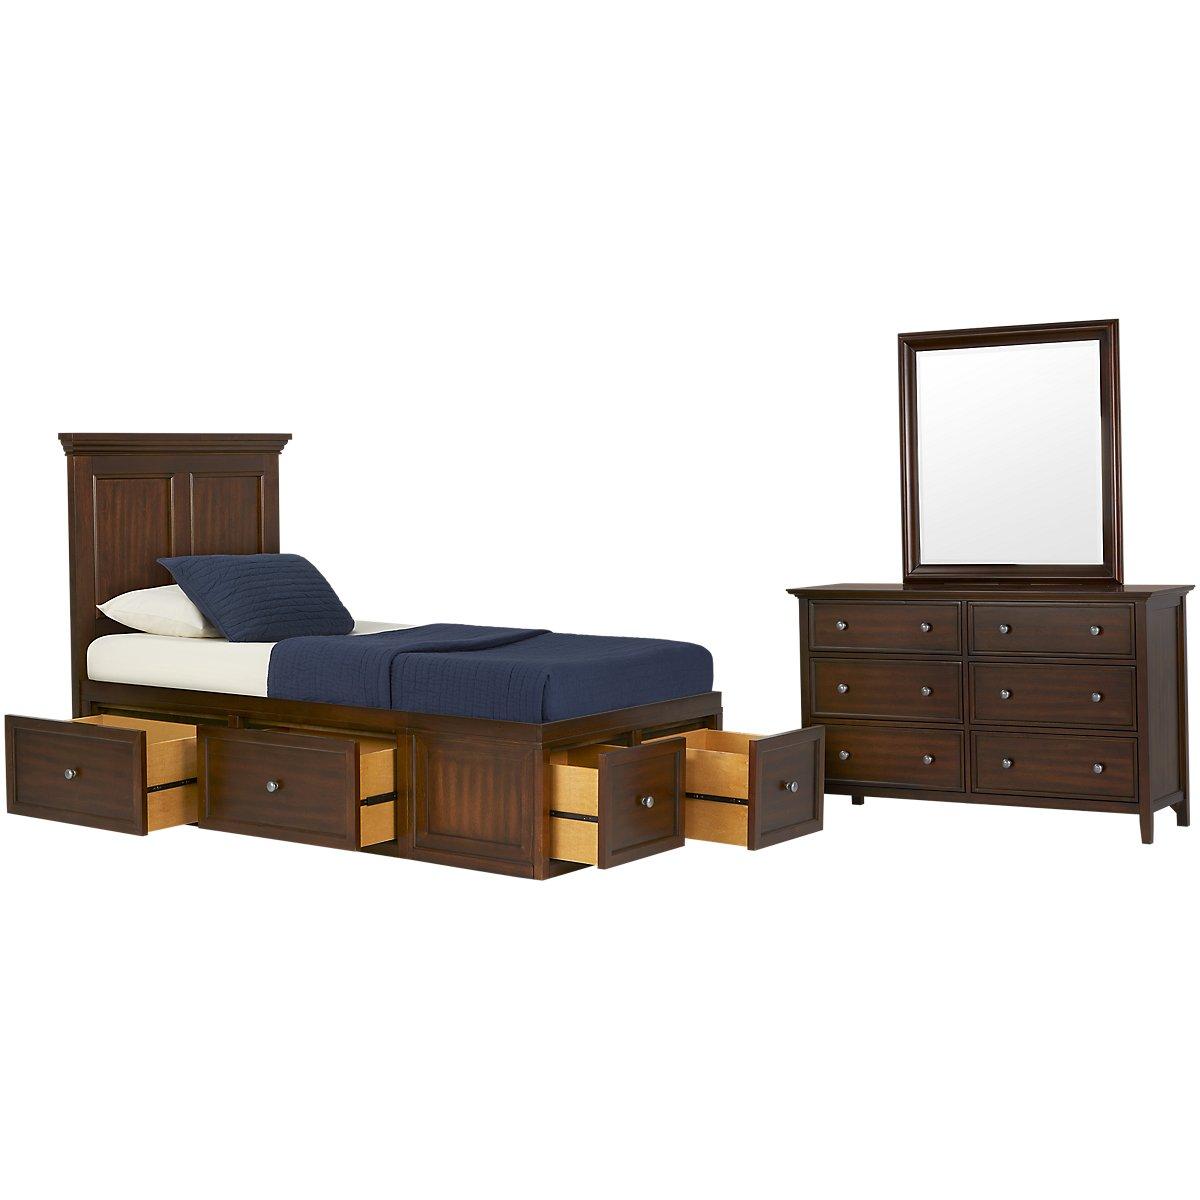 Spencer Mid Tone Six-Drawer Platform Storage Bedroom